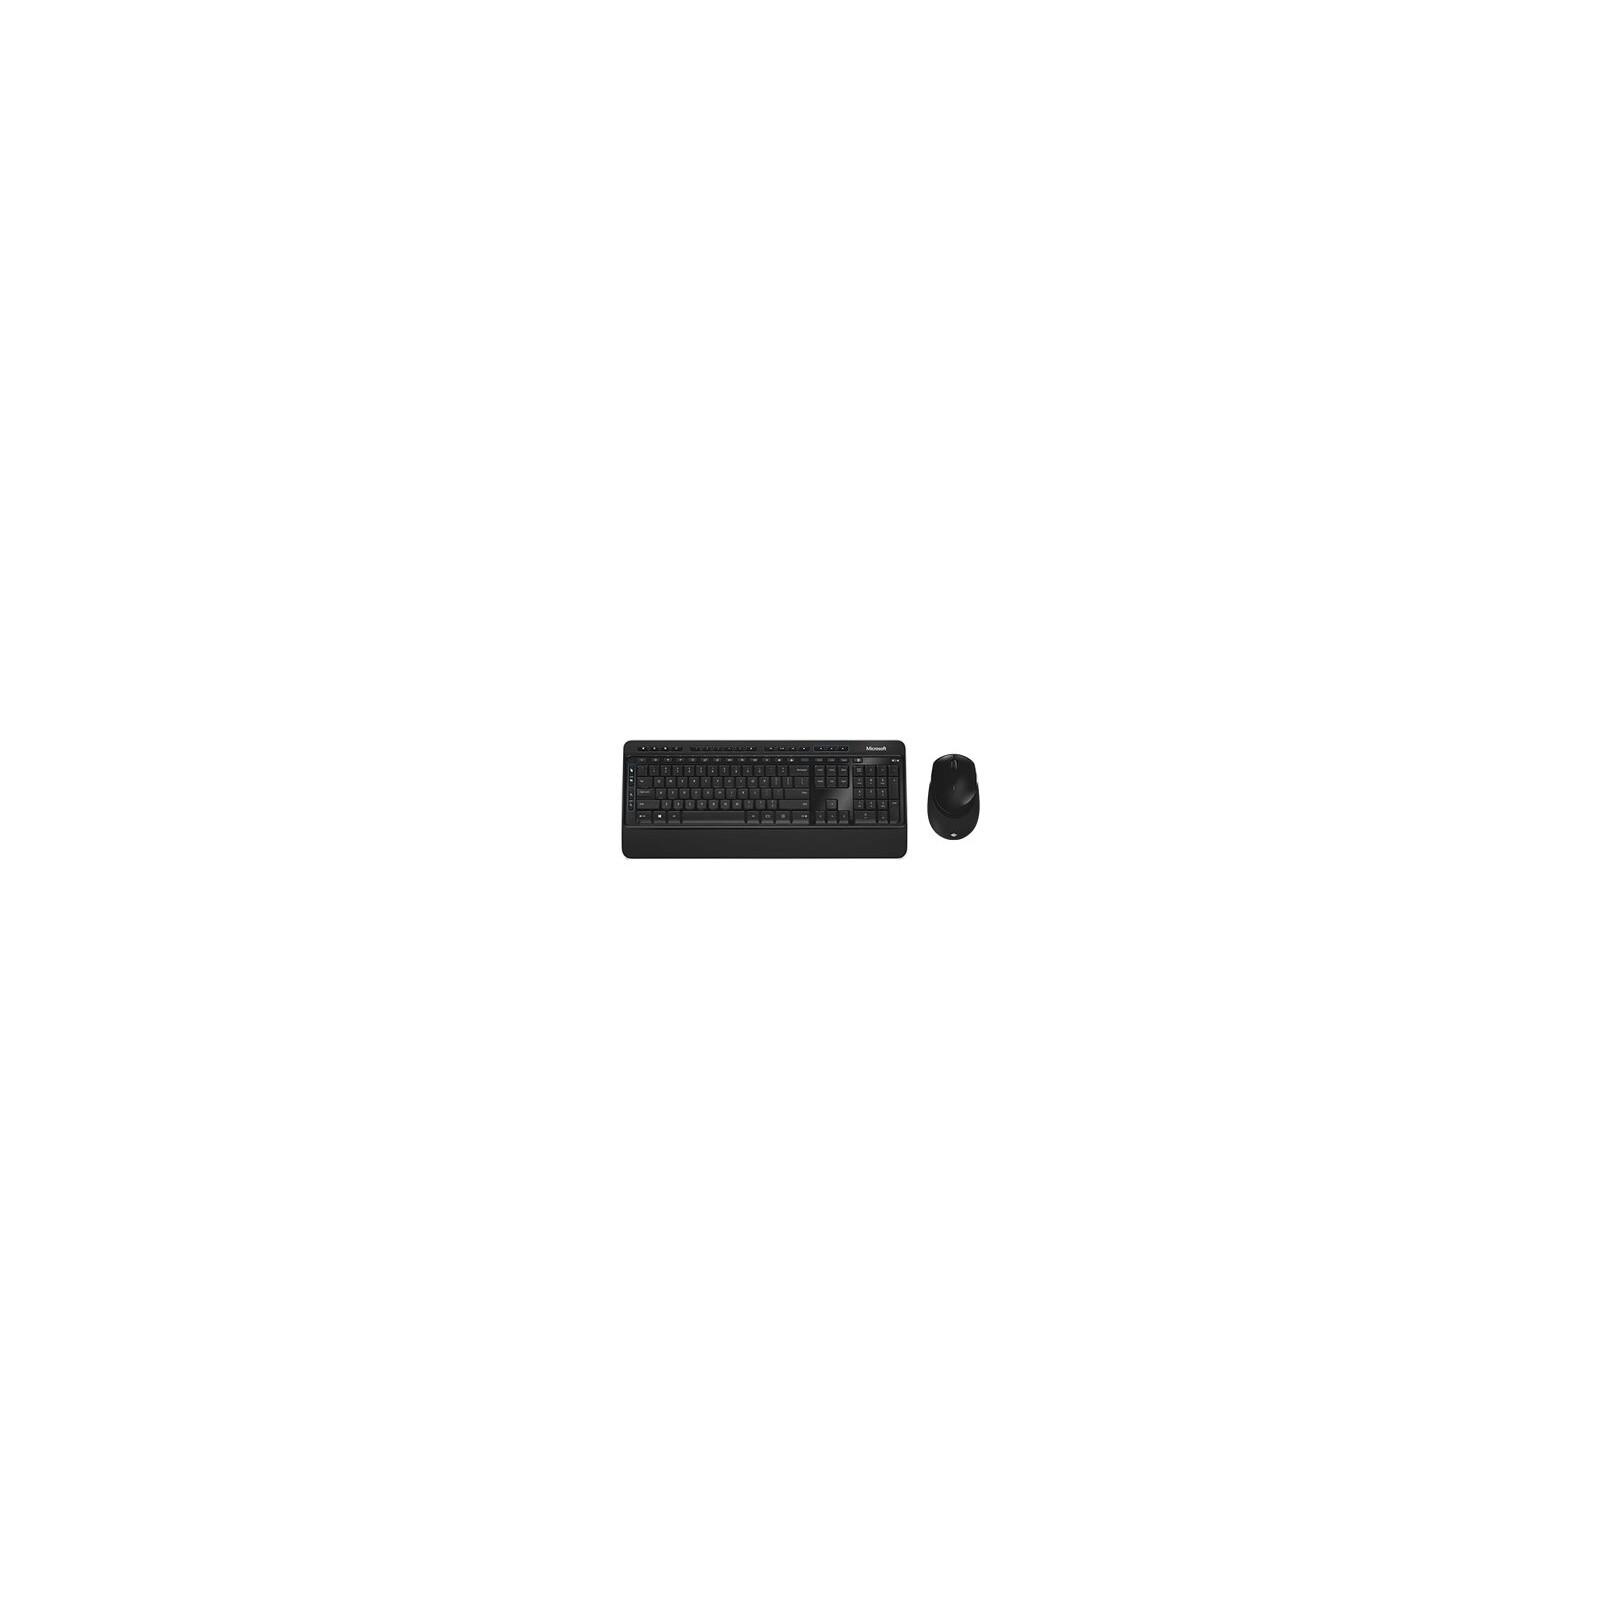 Microsoft Wireless Desktop 3050 DE